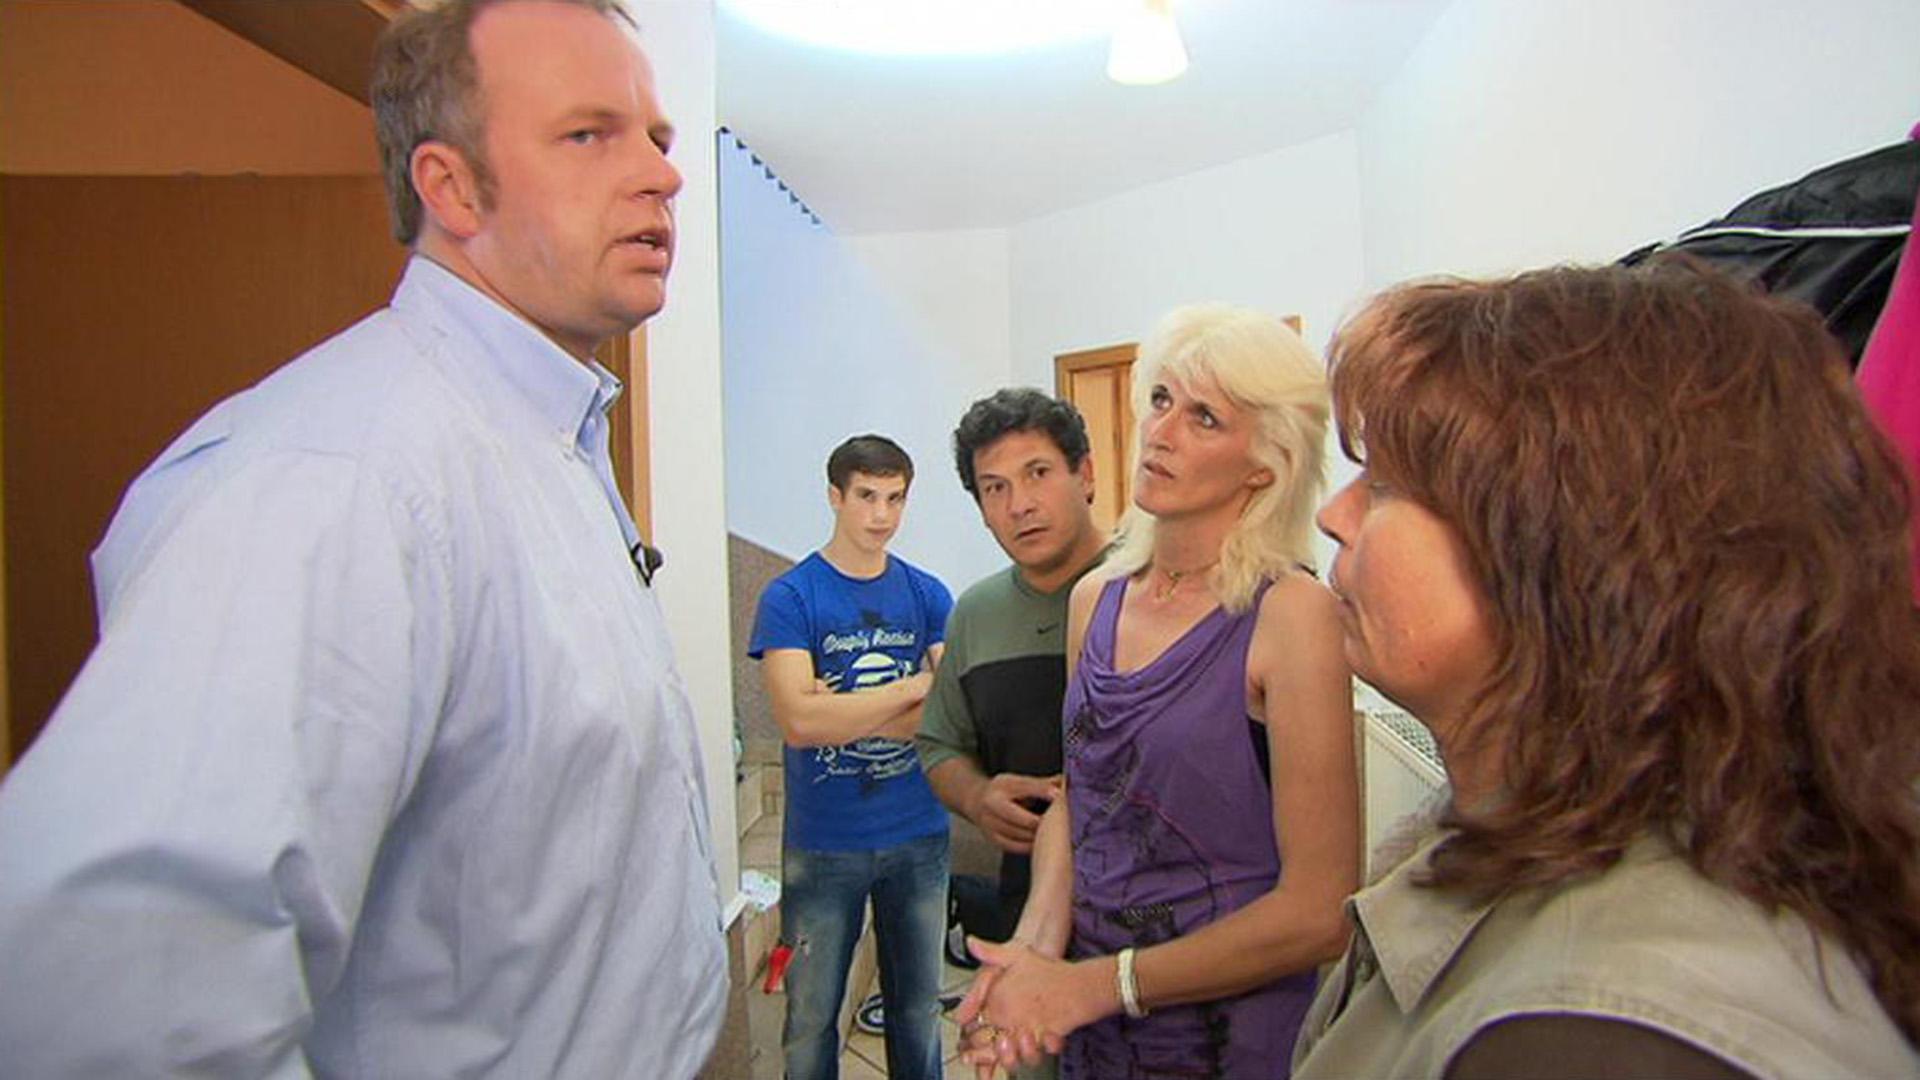 Griechische Haustauschfamilie lässt es in Lehrerhaushalt krachen | Folge 88